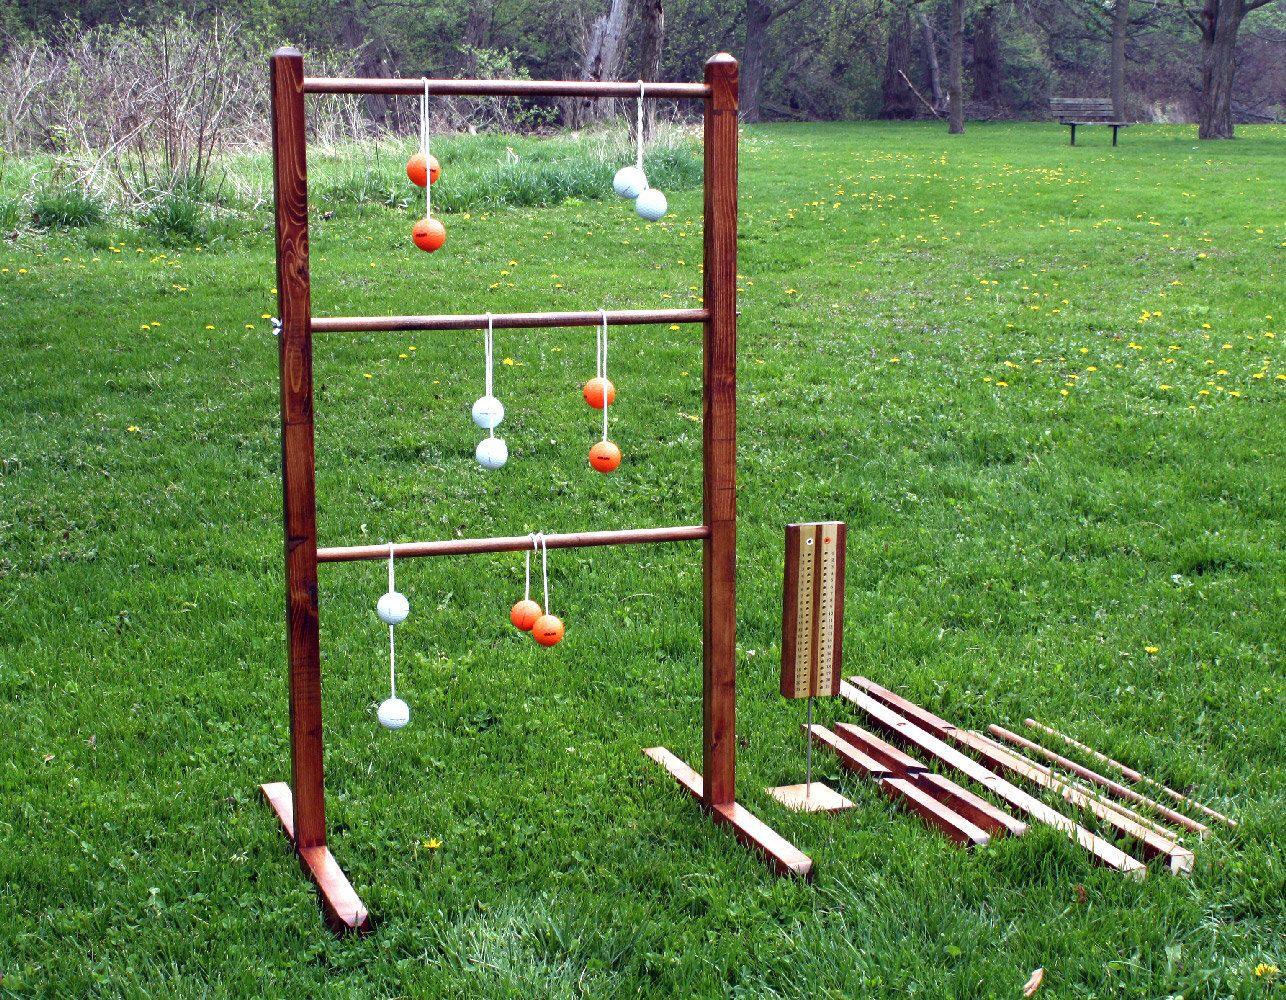 One For Adults /& Kids Backyard Beach Lawn Outdoor Ladder Toss Ball Game Set